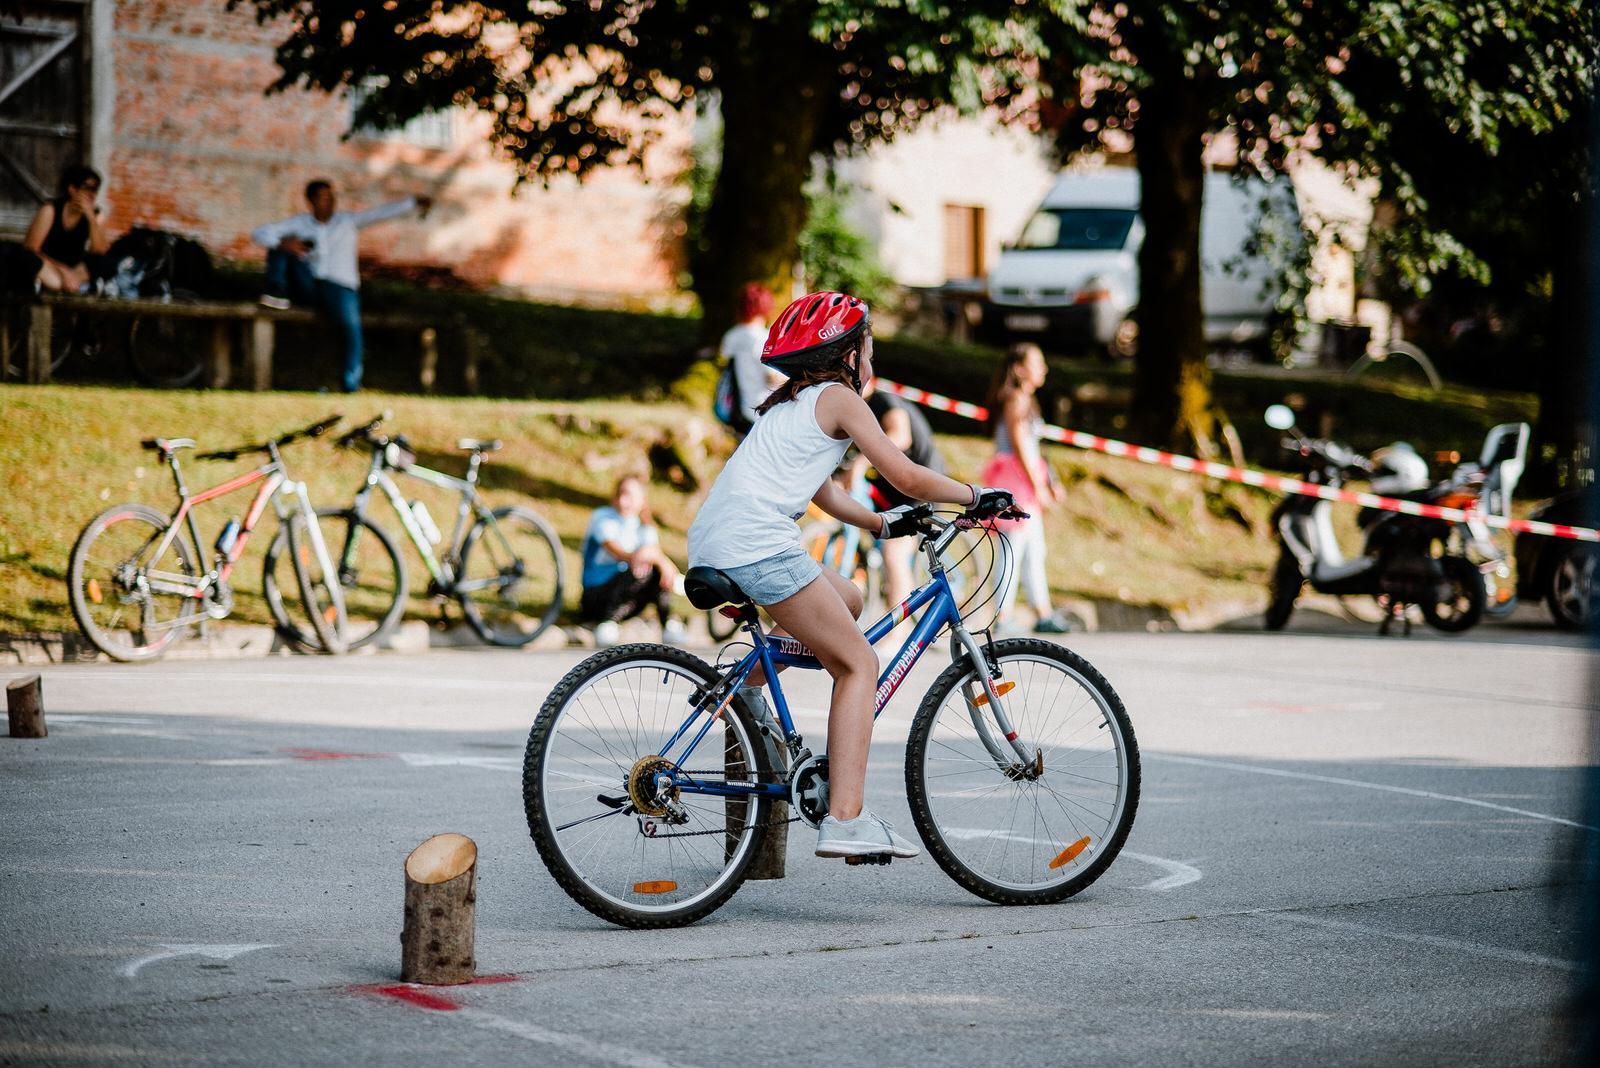 likaclub_rakovica_1-mala-biciklijada_2019-7